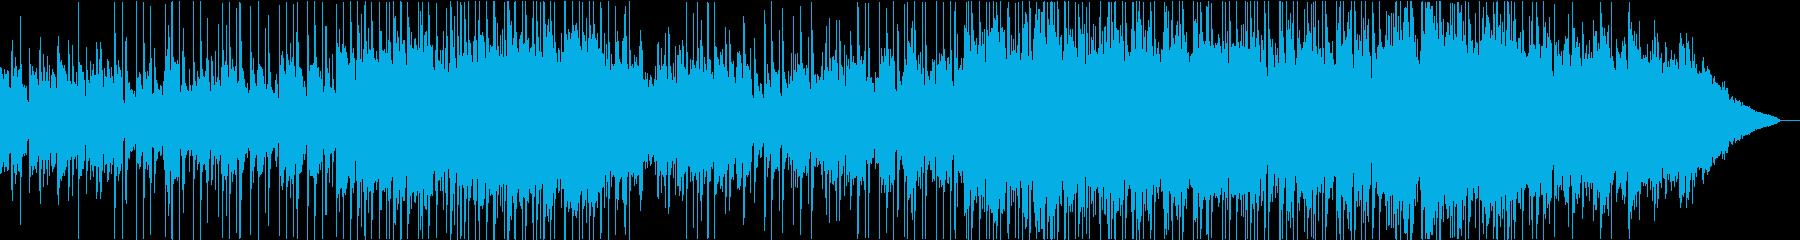 感情を表現するオーケストラ弦セクシ...の再生済みの波形